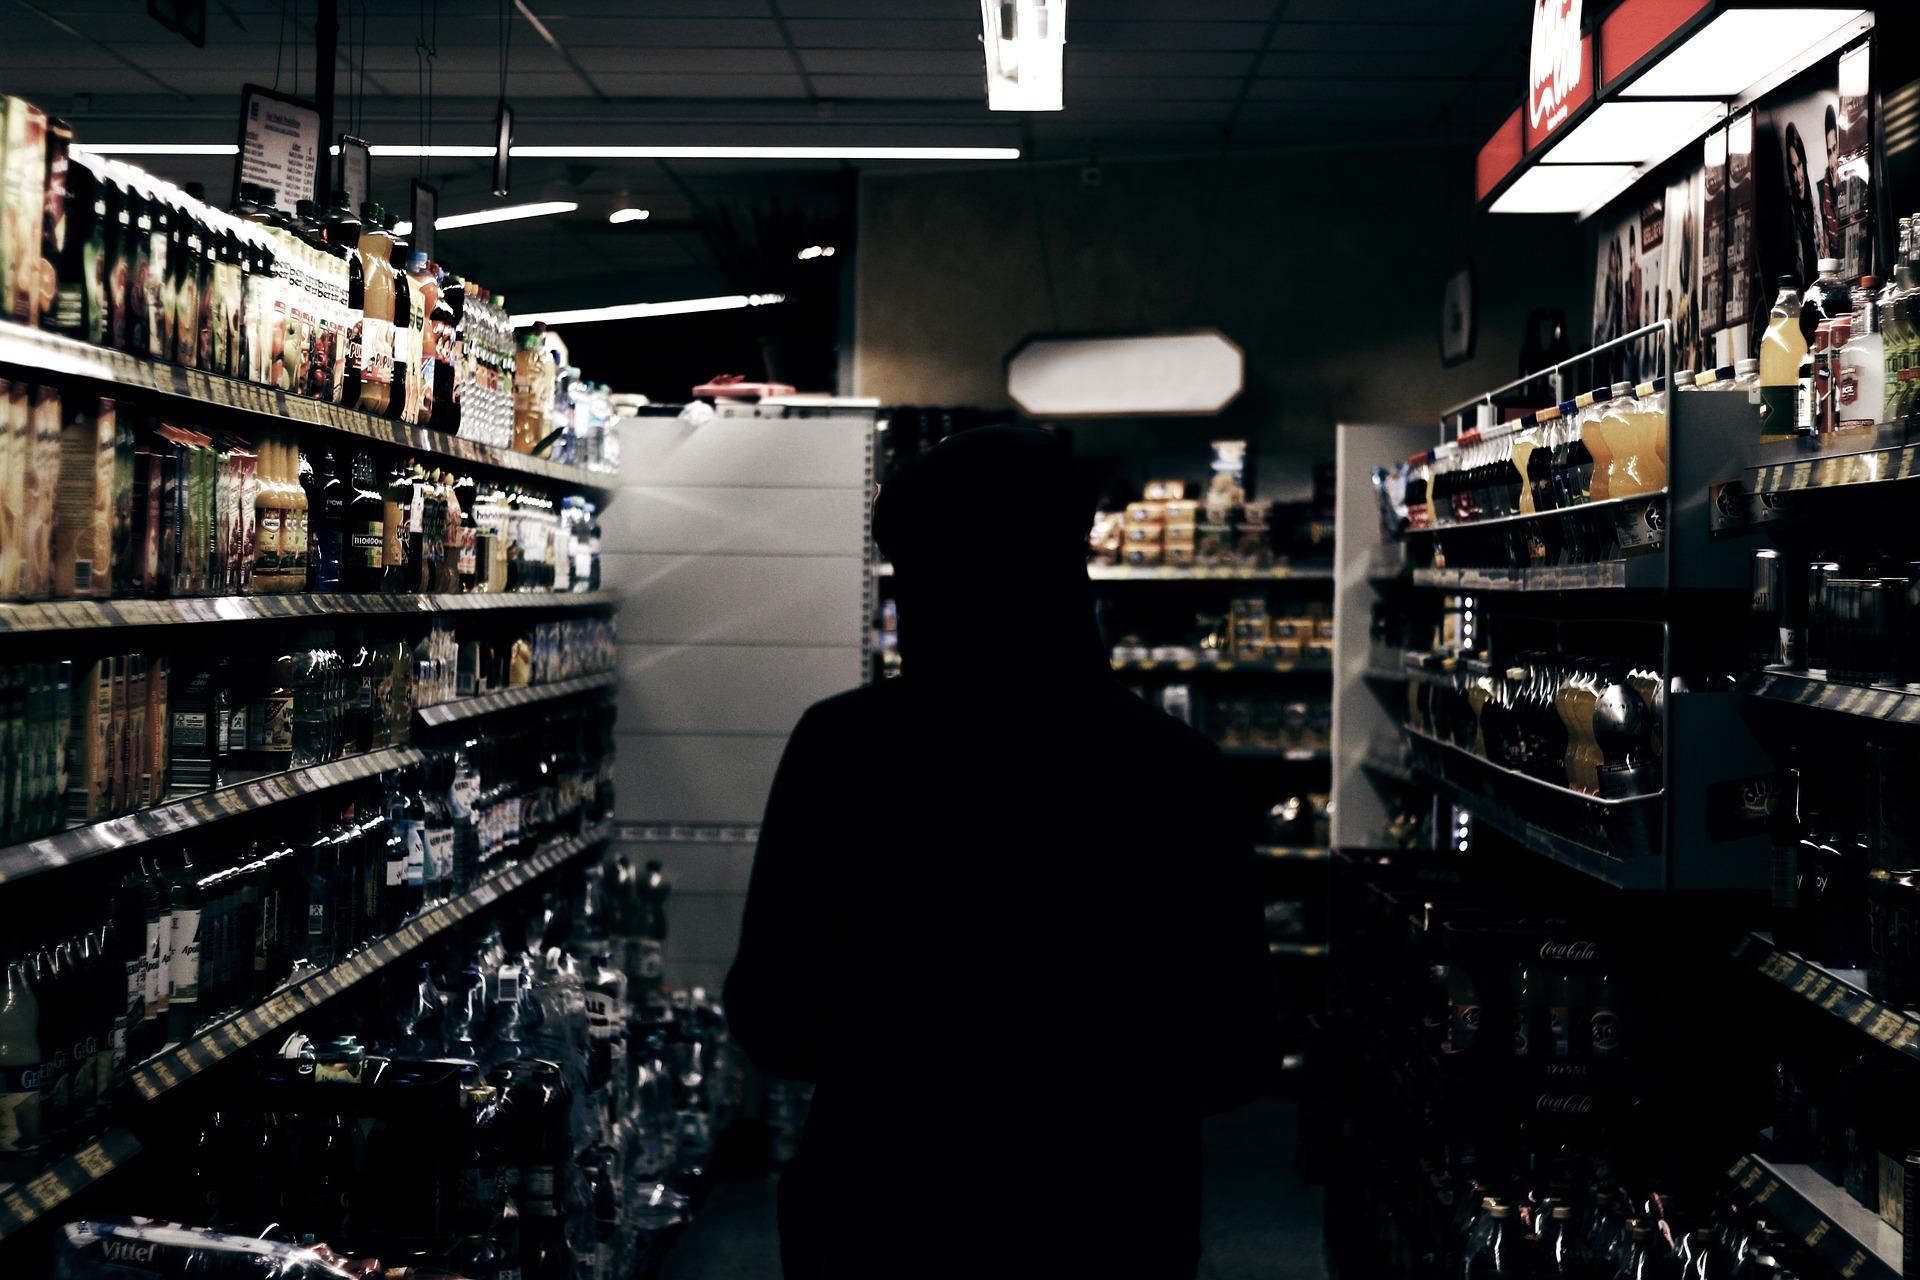 sillhouette 1209564 1920 ZAMOŚĆ: Ukradli alkohol i zaatakowali pracowników sklepu